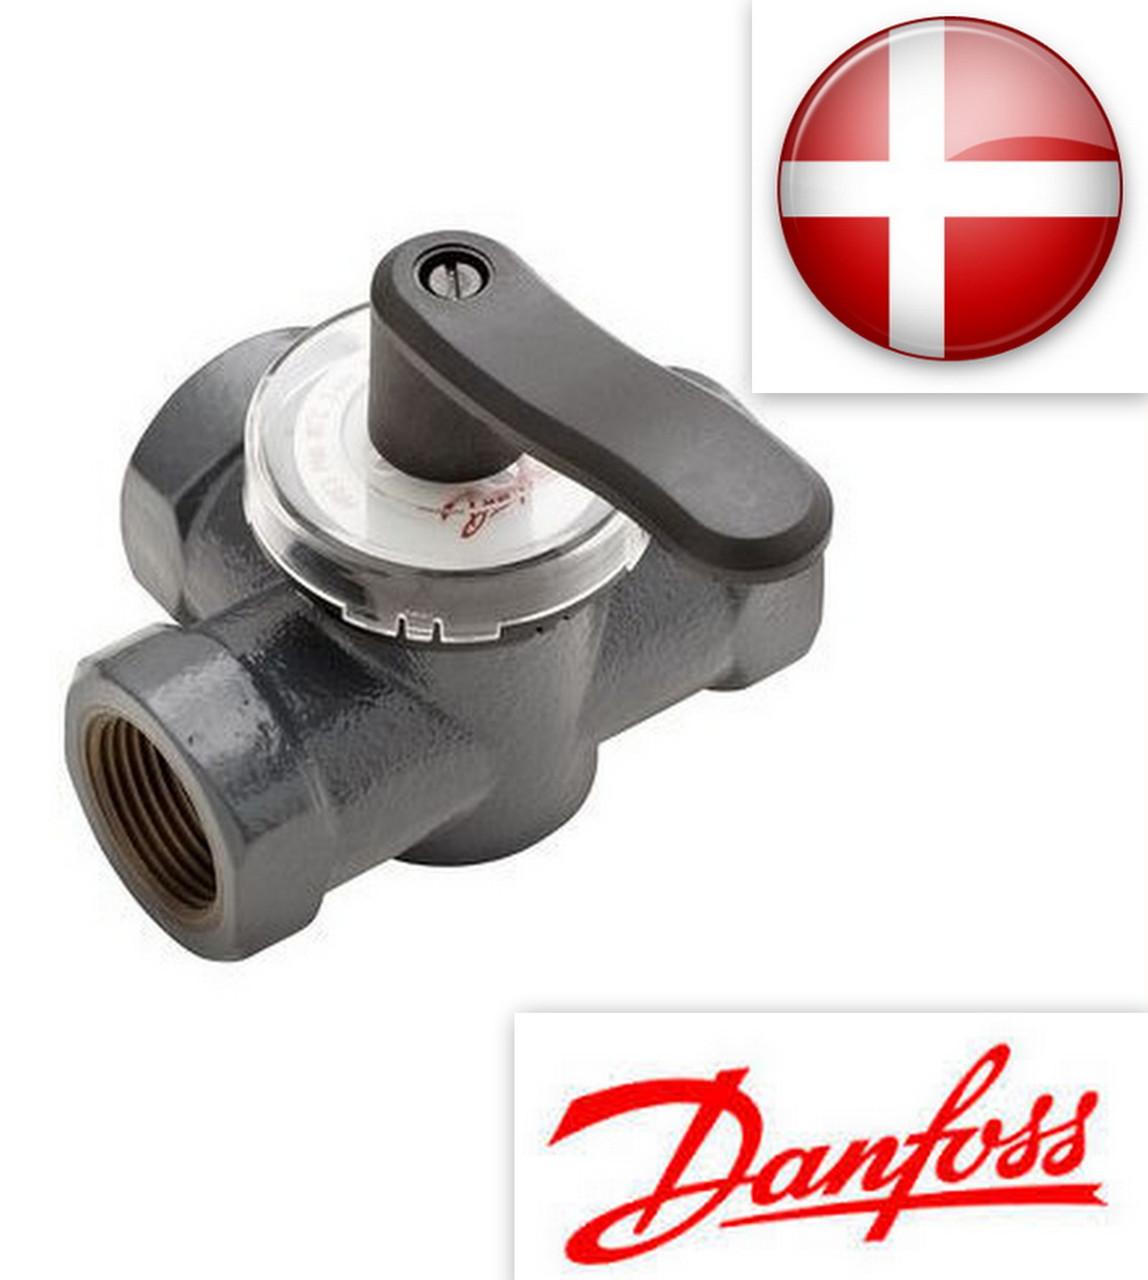 Клапан поворотный регулирующий (трехходовой) Ду 20 HRE 3 Kvs 6.3 PN 6 Danfoss